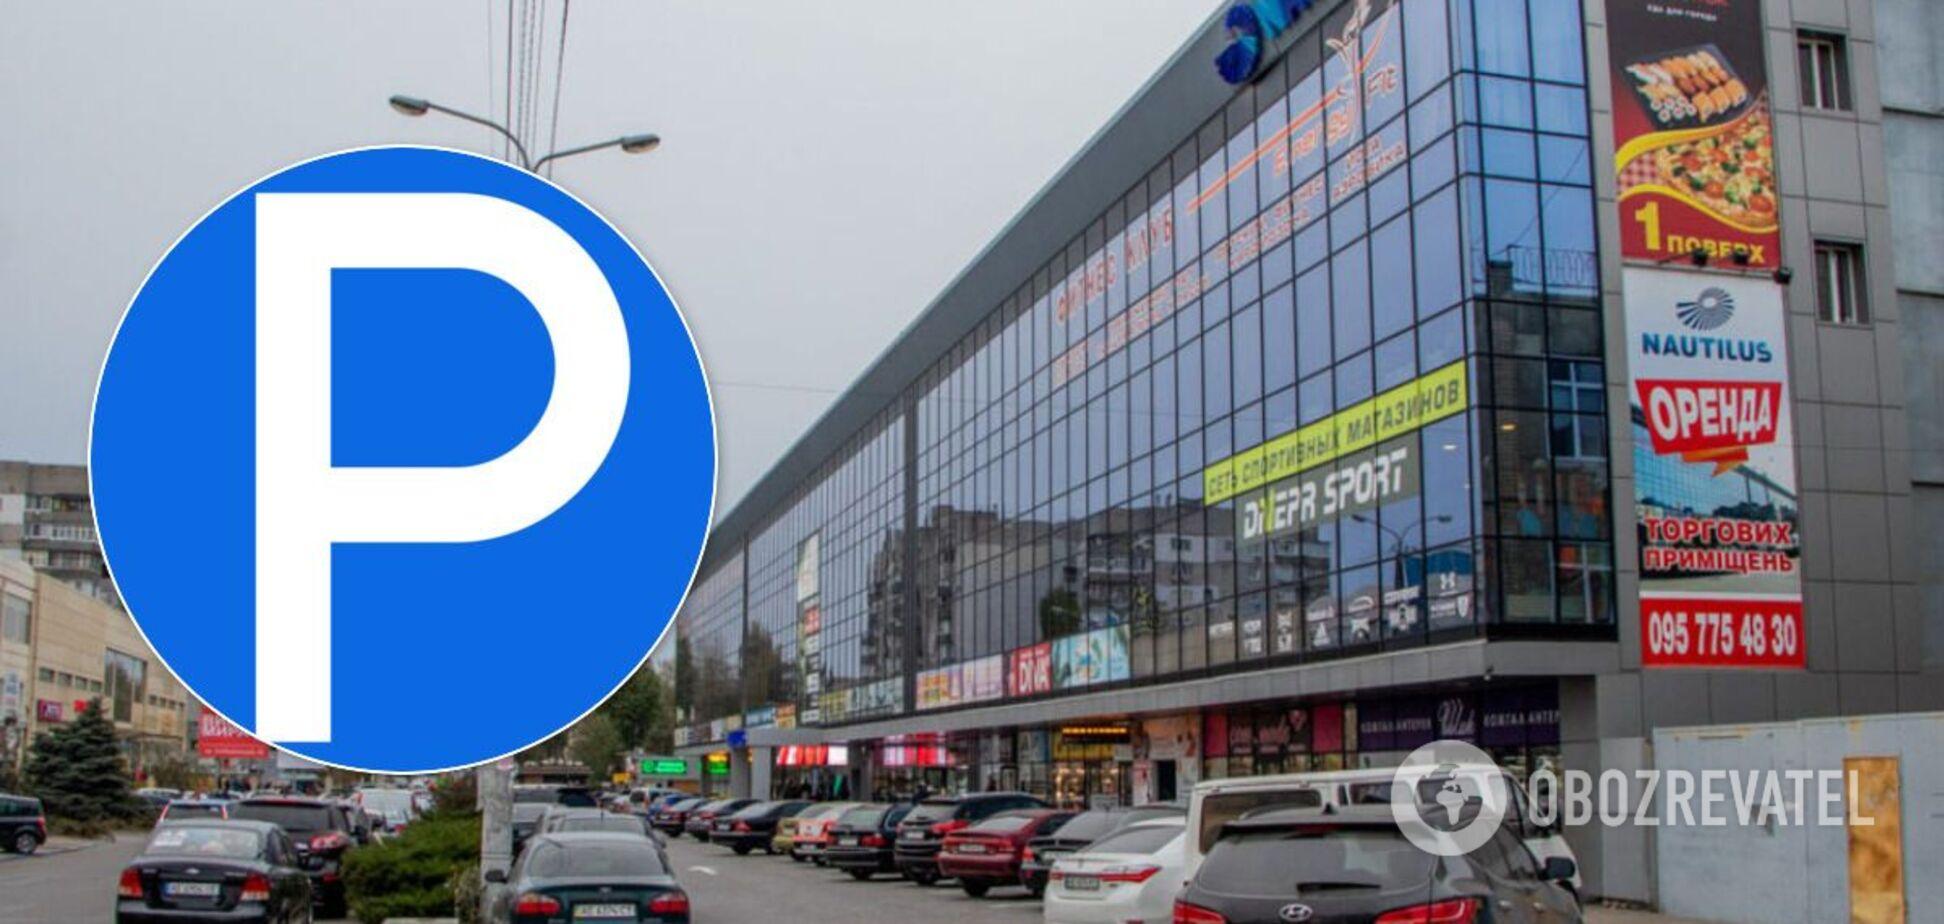 У Дніпрі перед виборами запустили фейк про платні парковки